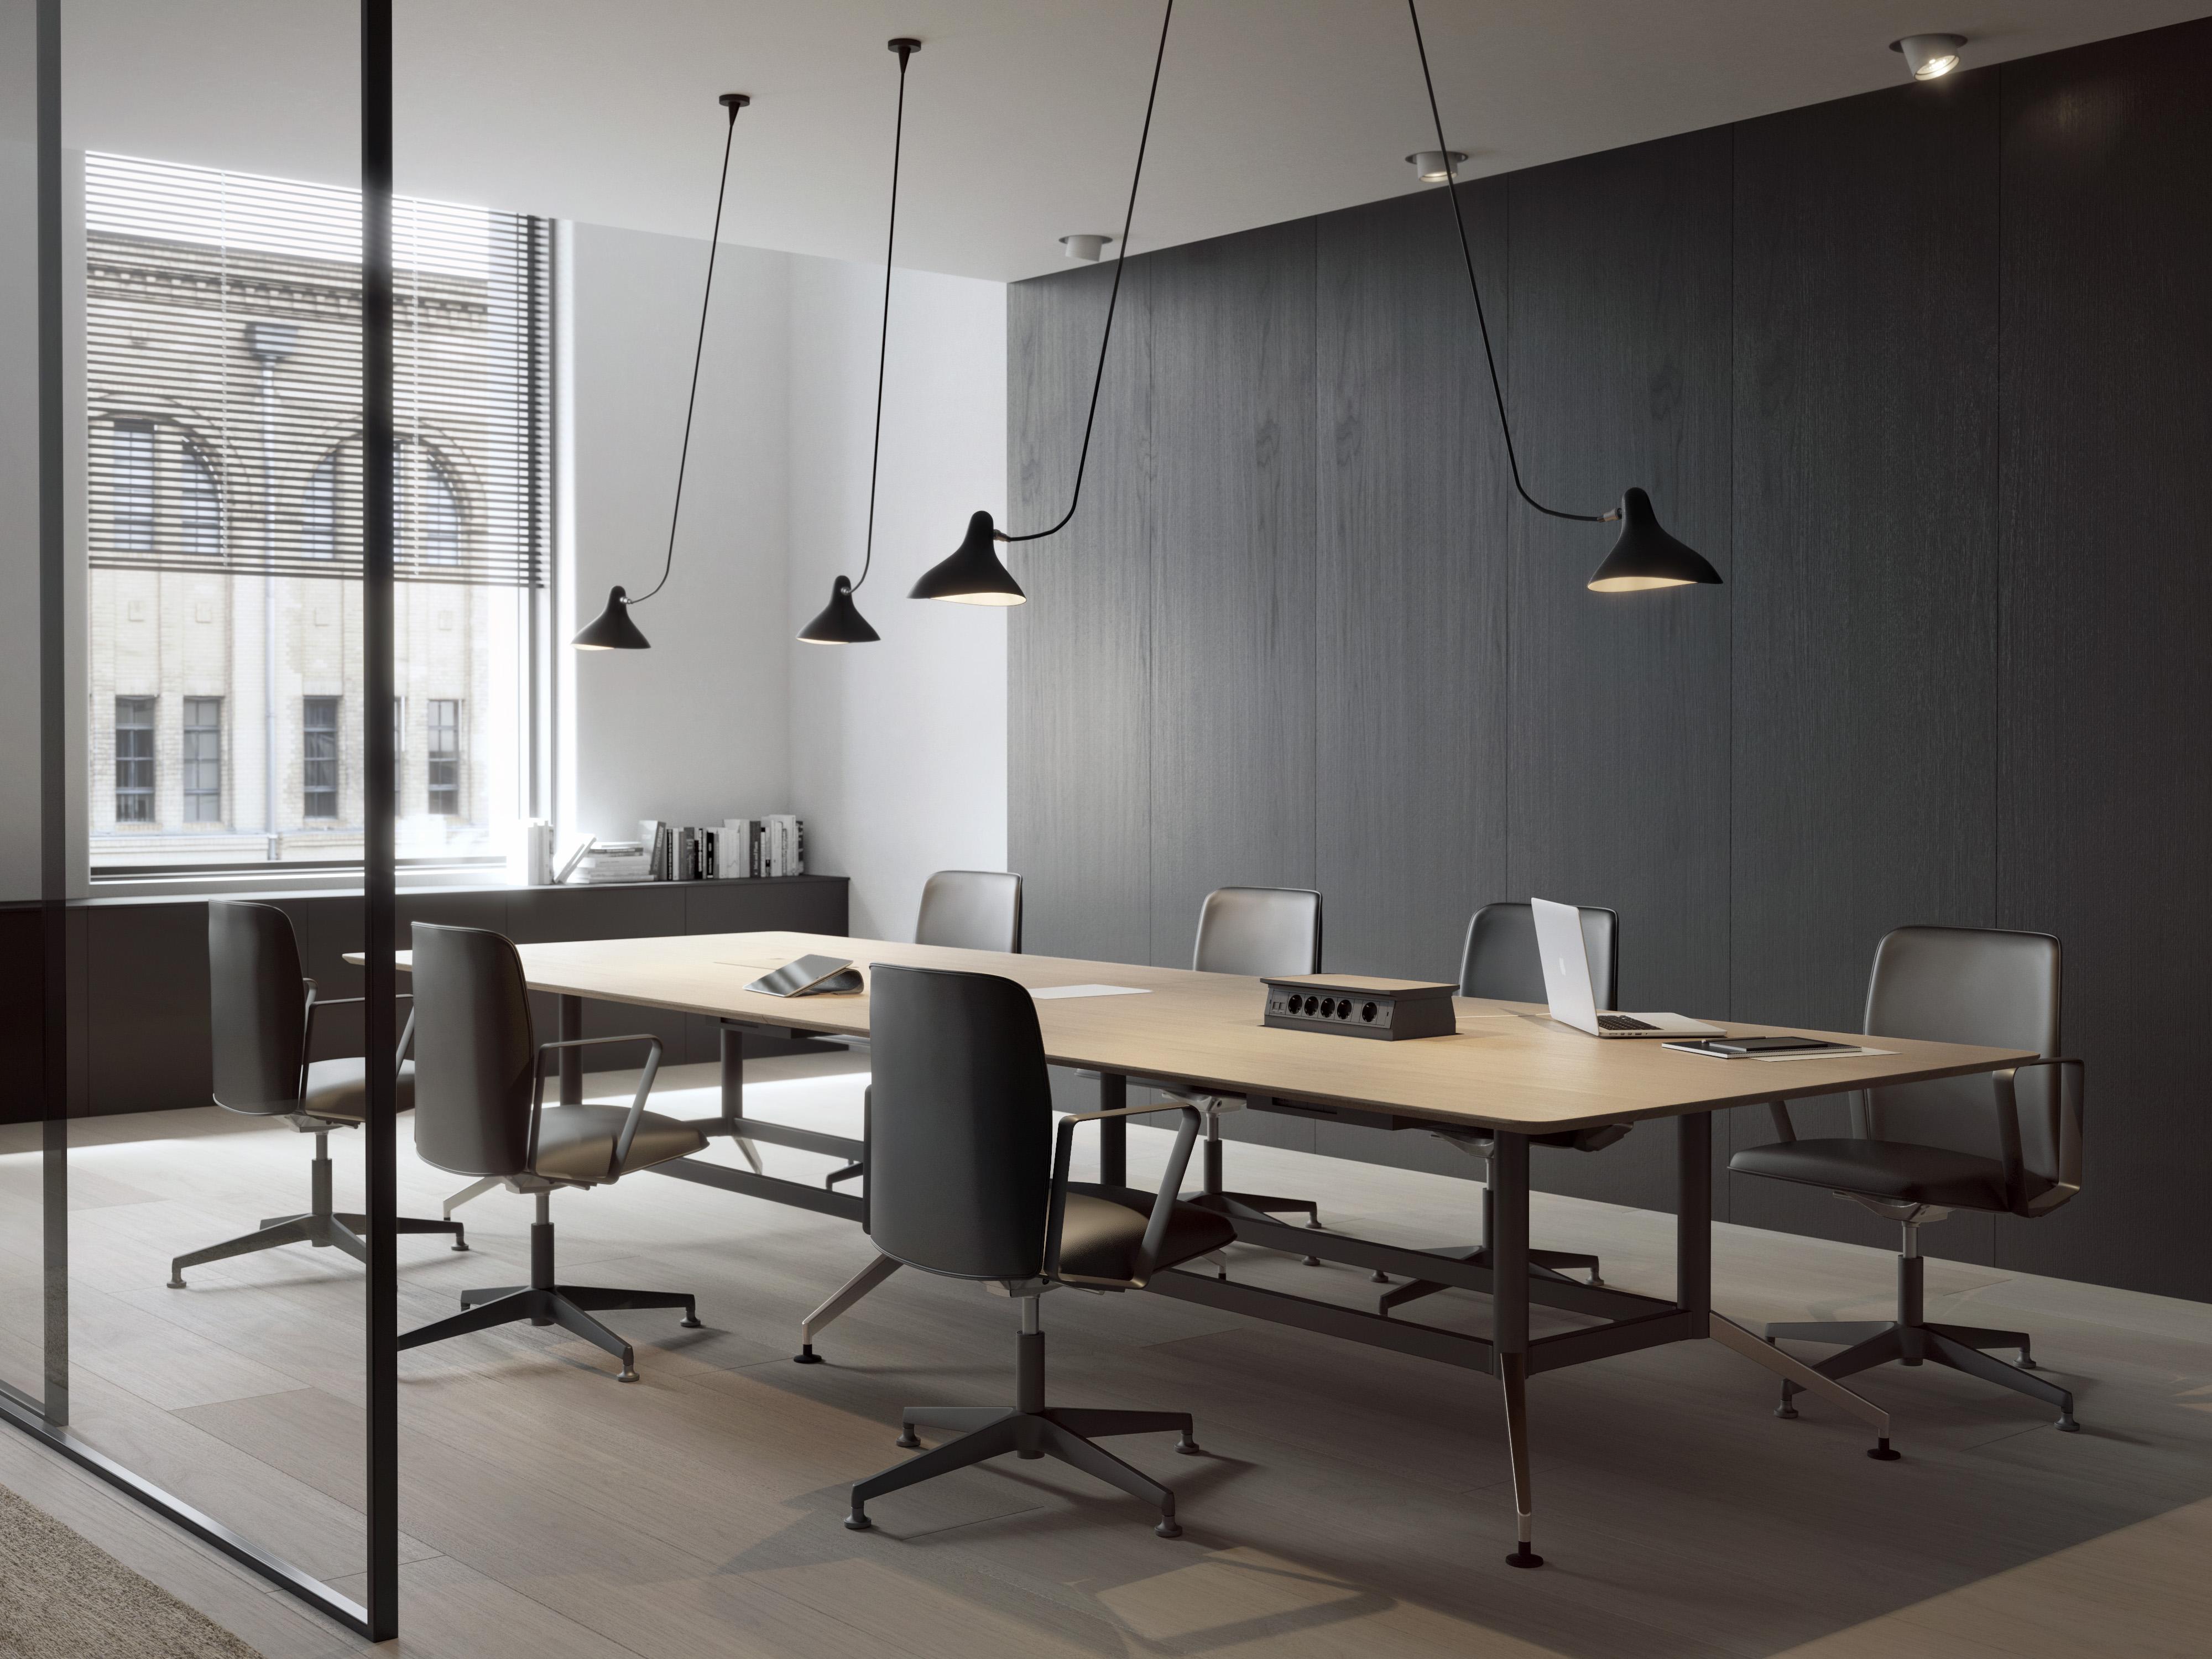 Consejos para decorar un despacho de abogados spacio for Mesas de despacho modernas